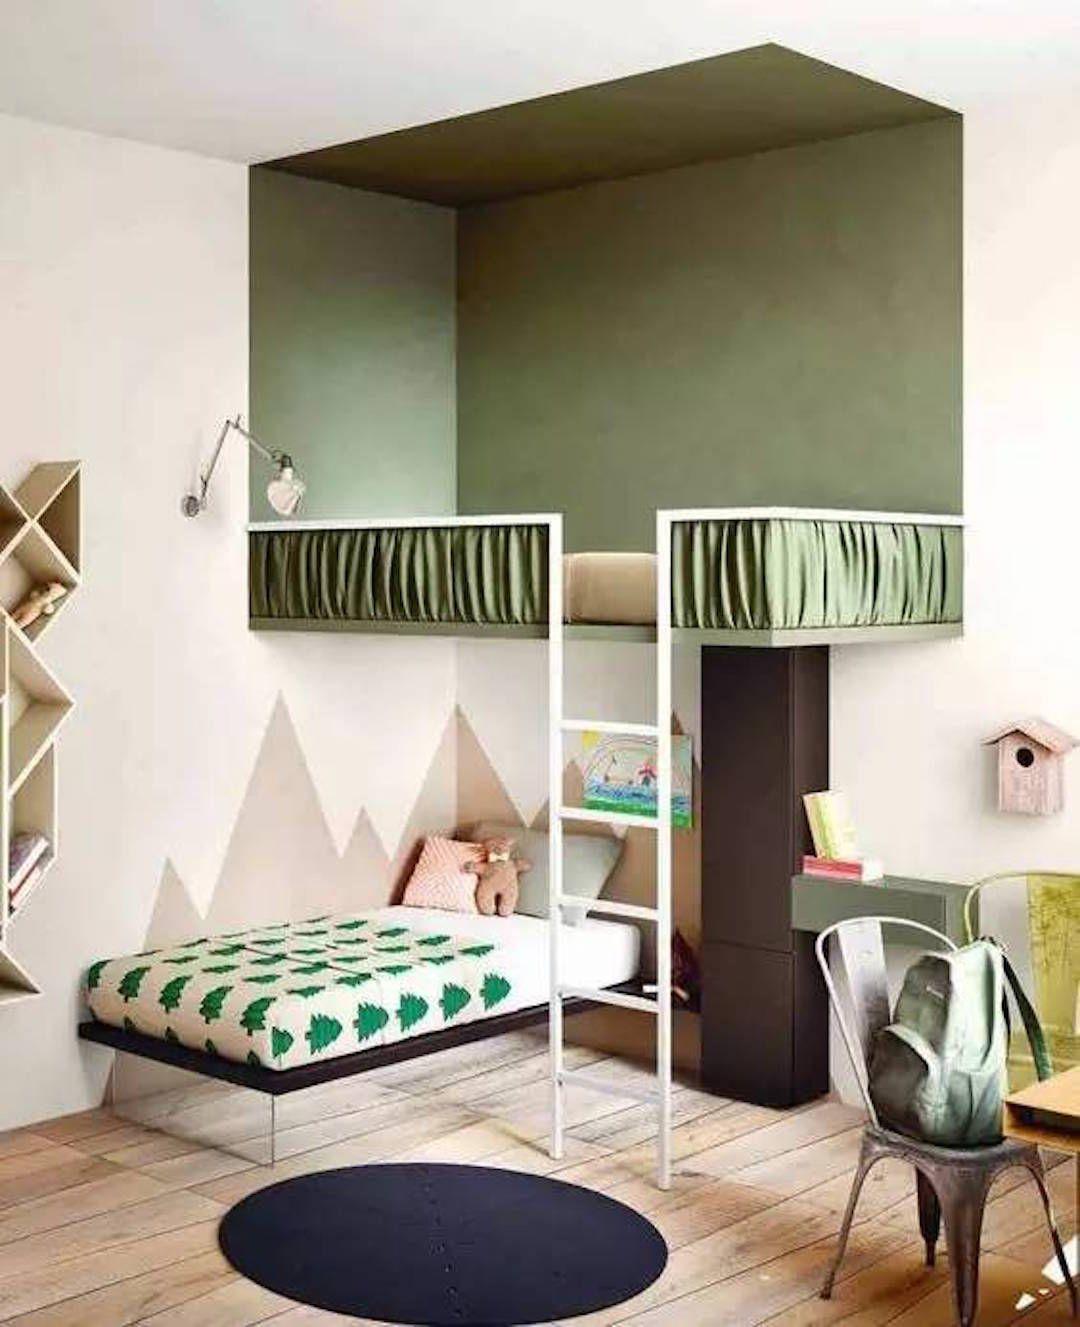 Déco : du vert pour la chambre des enfants | Kids rooms, Bedrooms ...